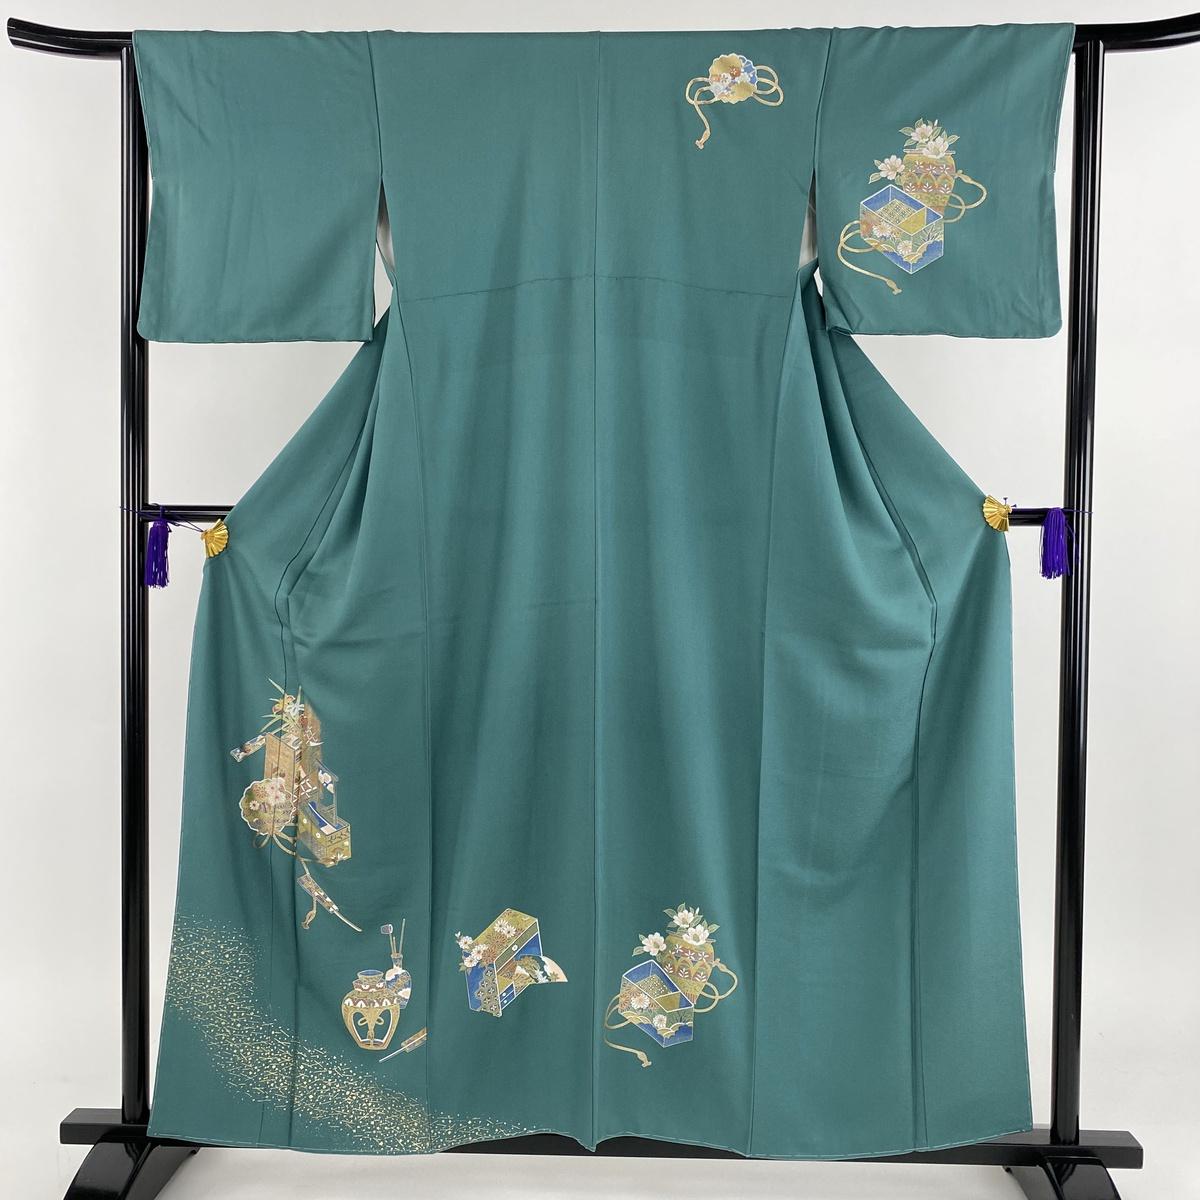 付下げ 美品 秀品 置物 扇 金彩 緑 袷 身丈158.5cm 裄丈63.5cm S 正絹 【中古】